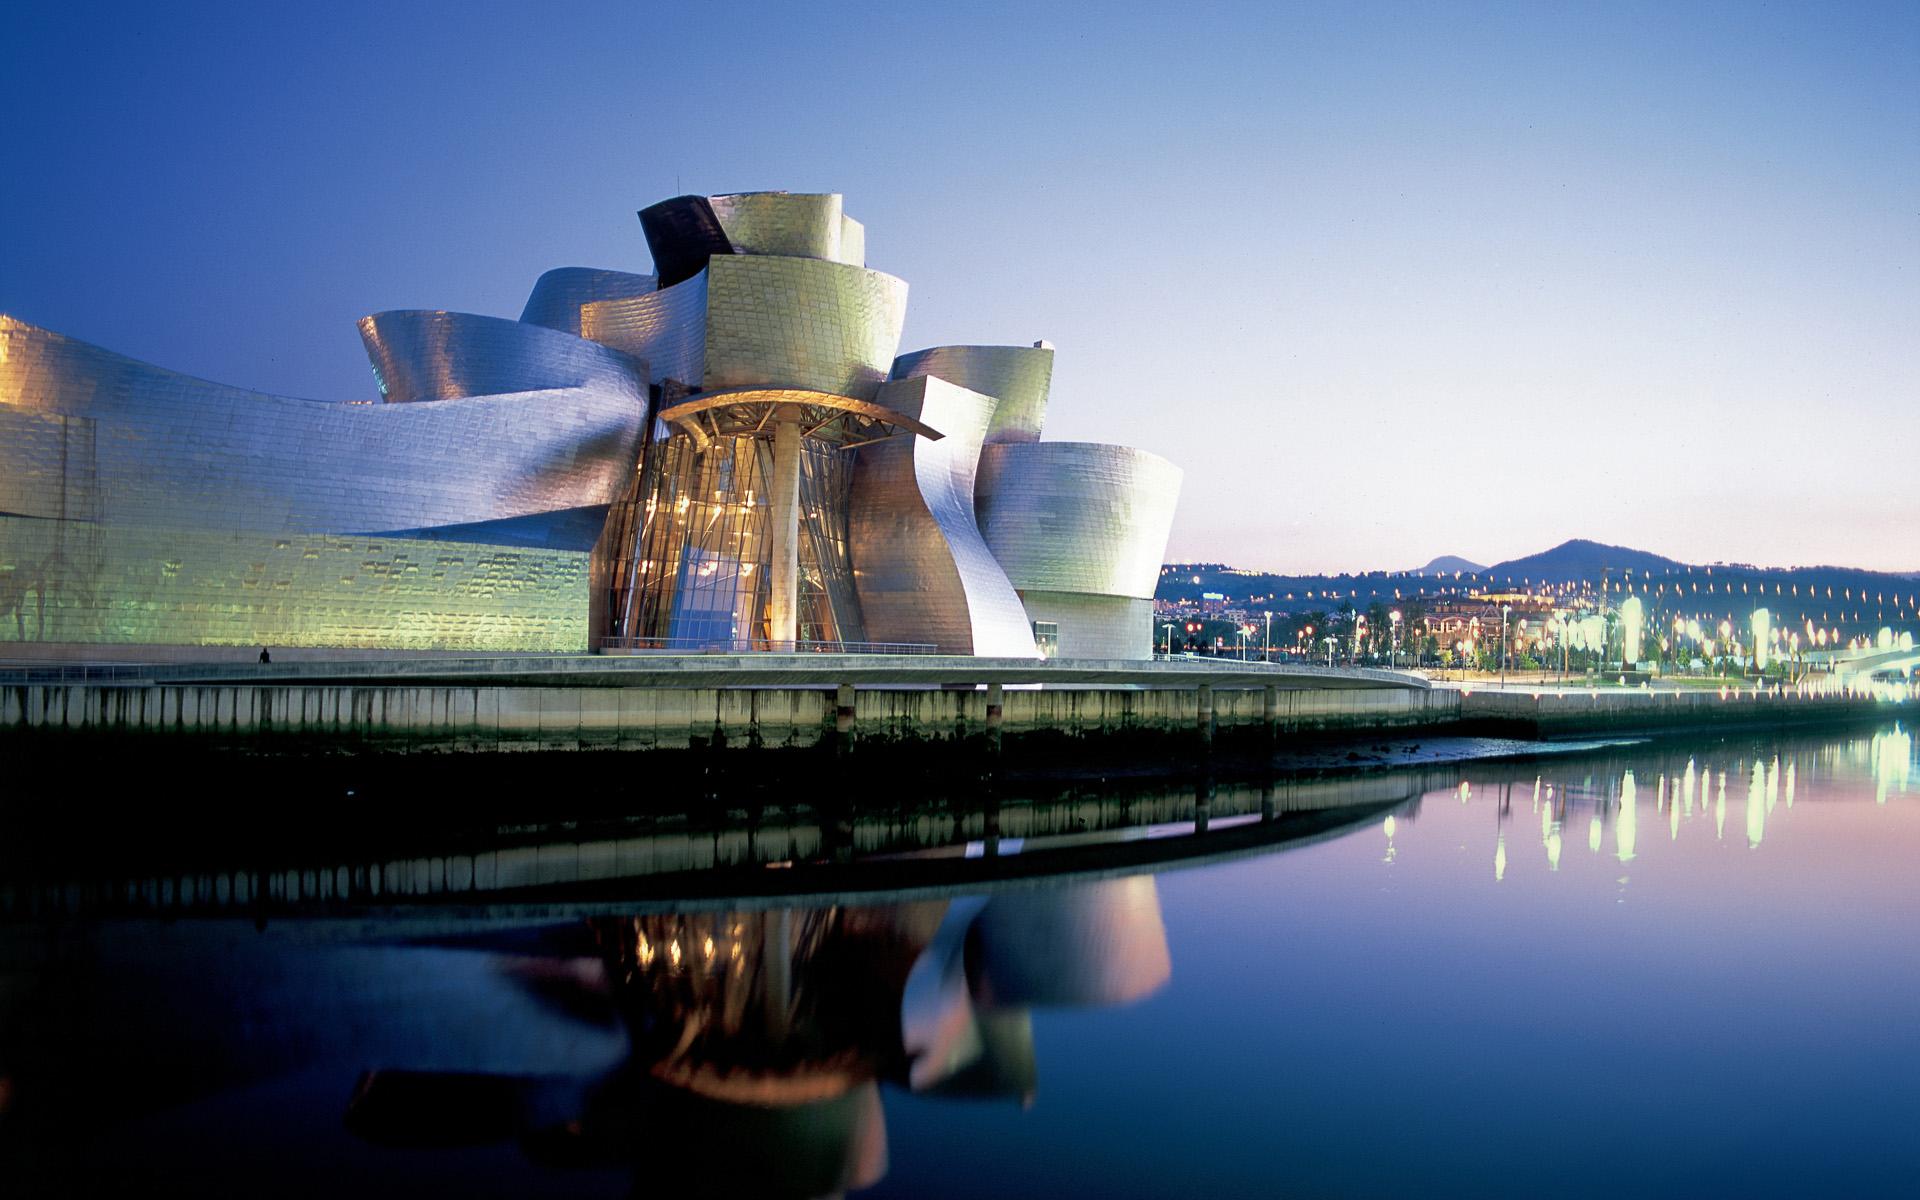 Museo Guggenheim Bilbao (Guggenheim Museum in Bilbao)